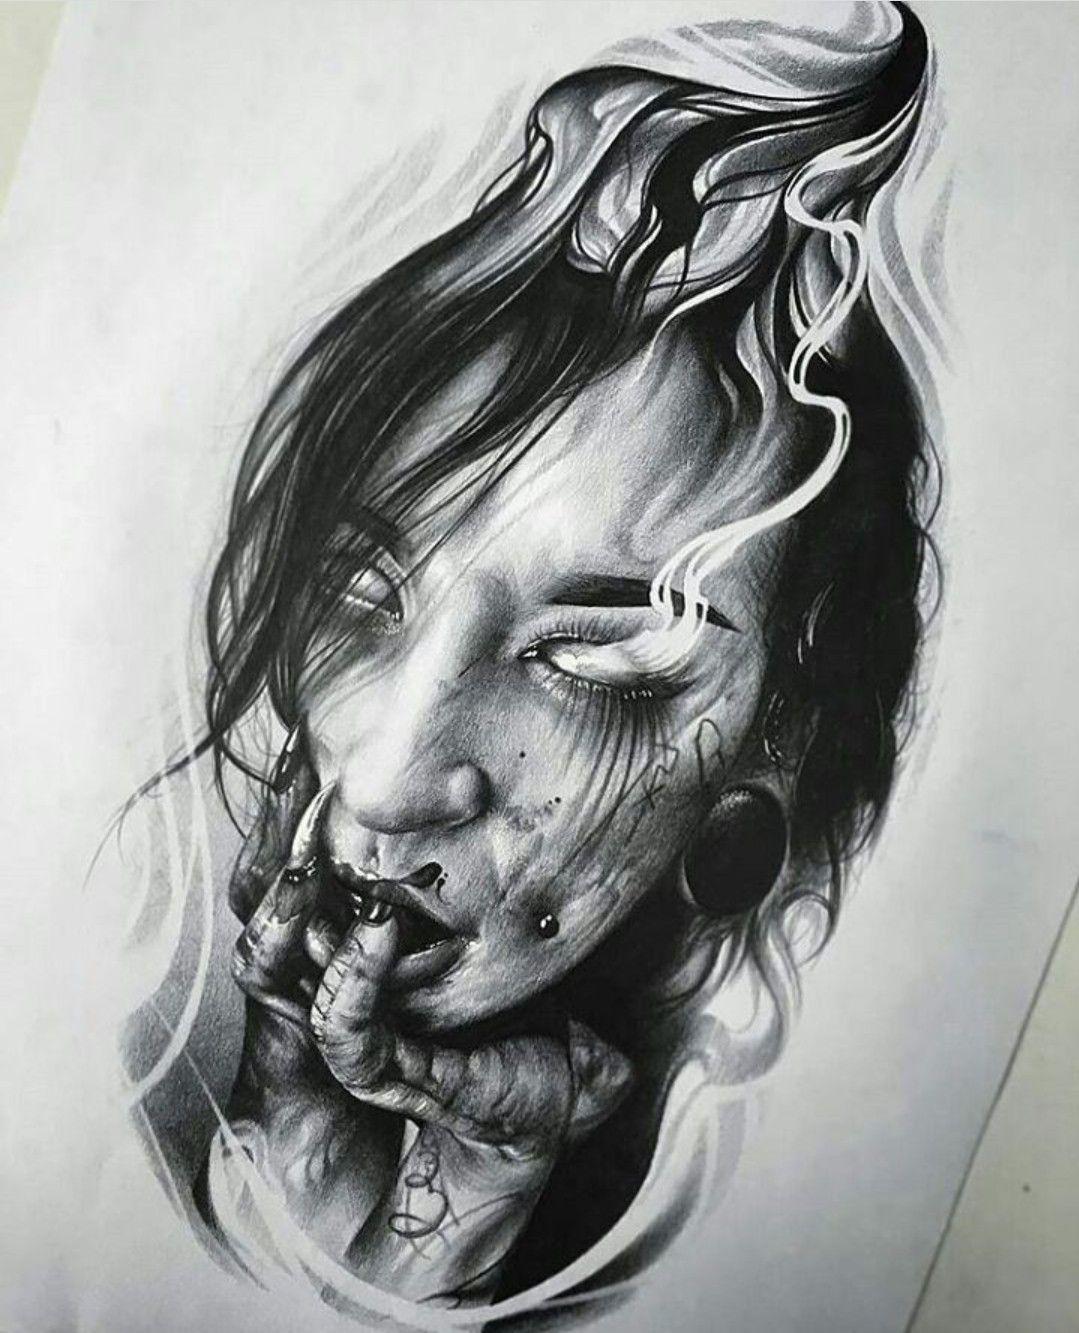 Tattoo Woman Dark: Tattoo Drawings, Tattoo Sketches, Tattoos